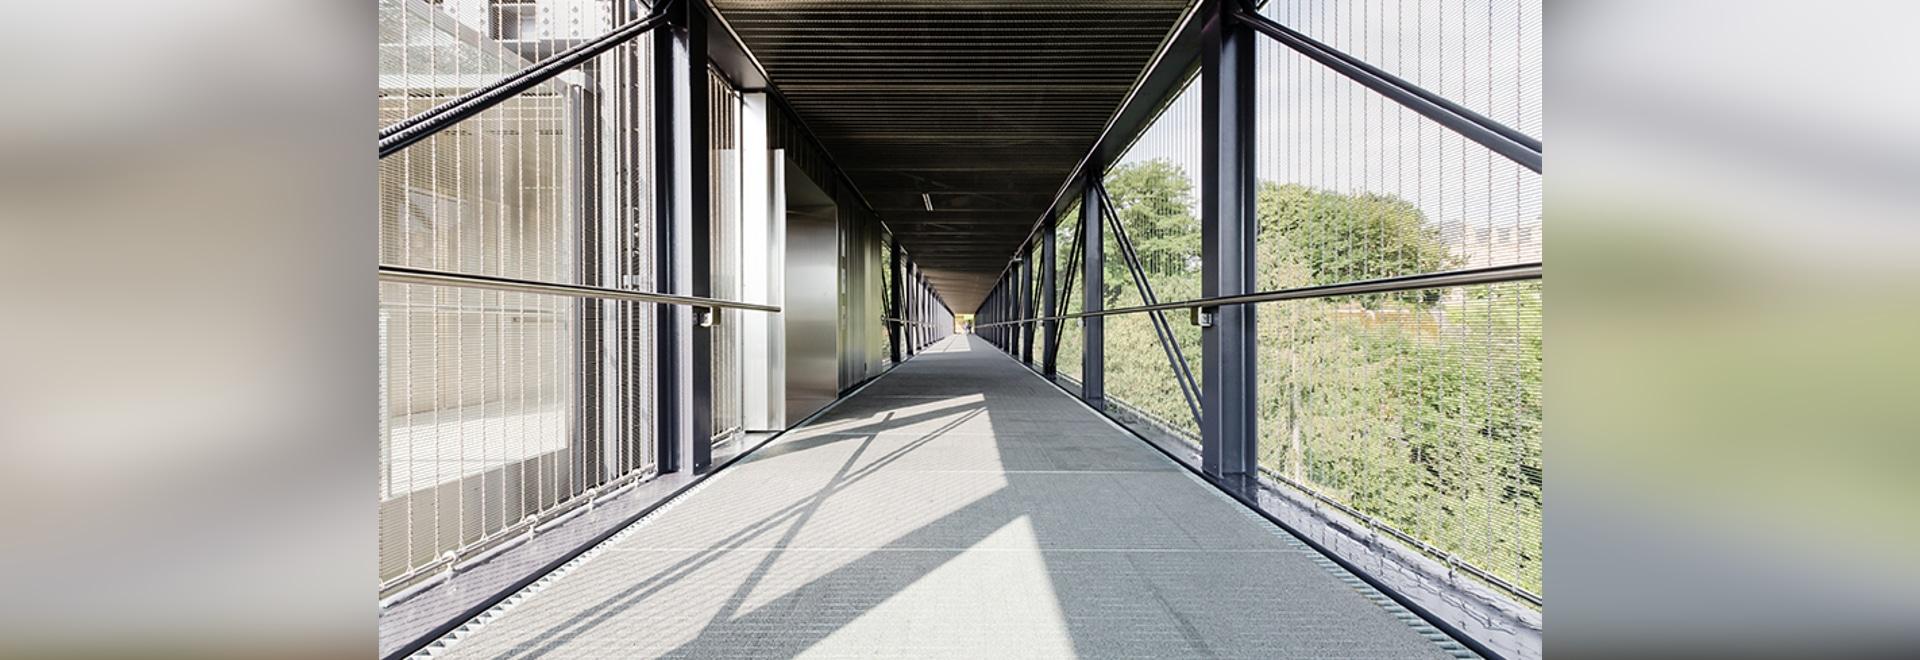 Puente de Pfaffenthal